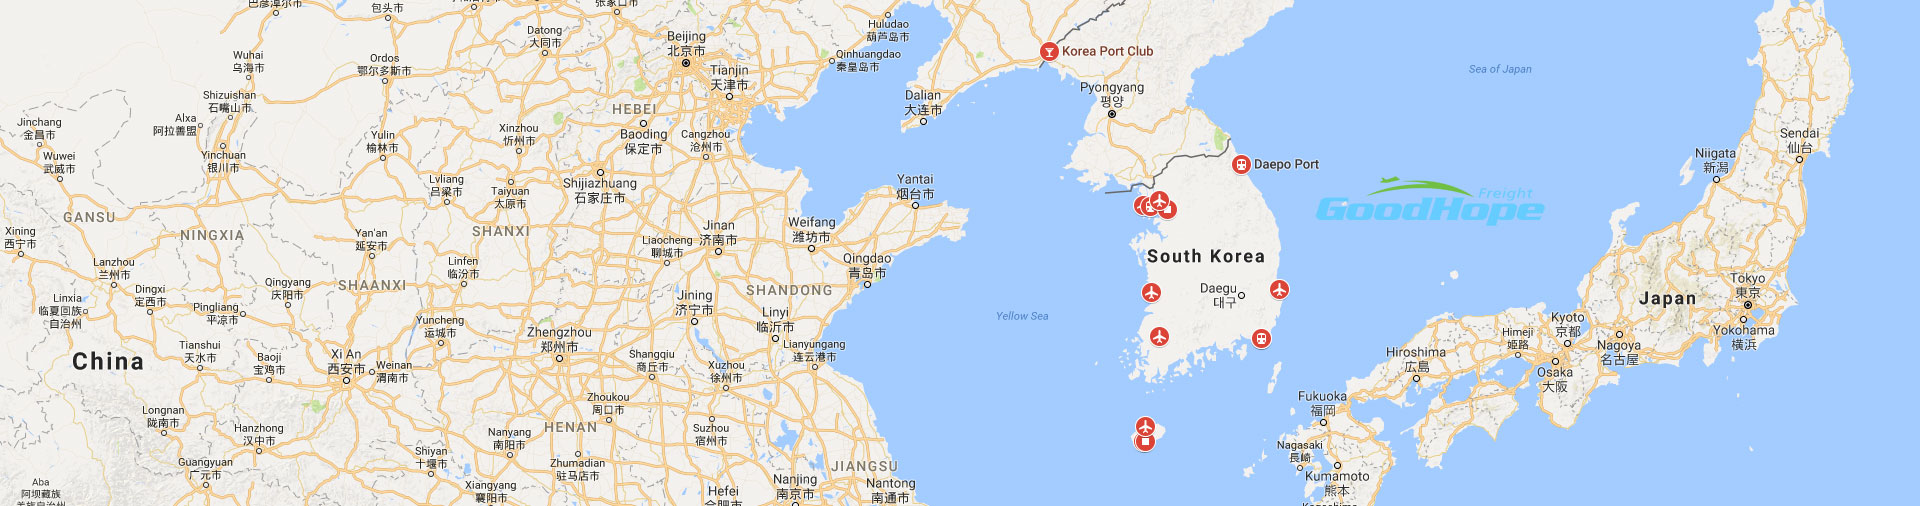 Ports in south korea south korean seaport busan korea port code ports in south korea ports in south korea gumiabroncs Choice Image